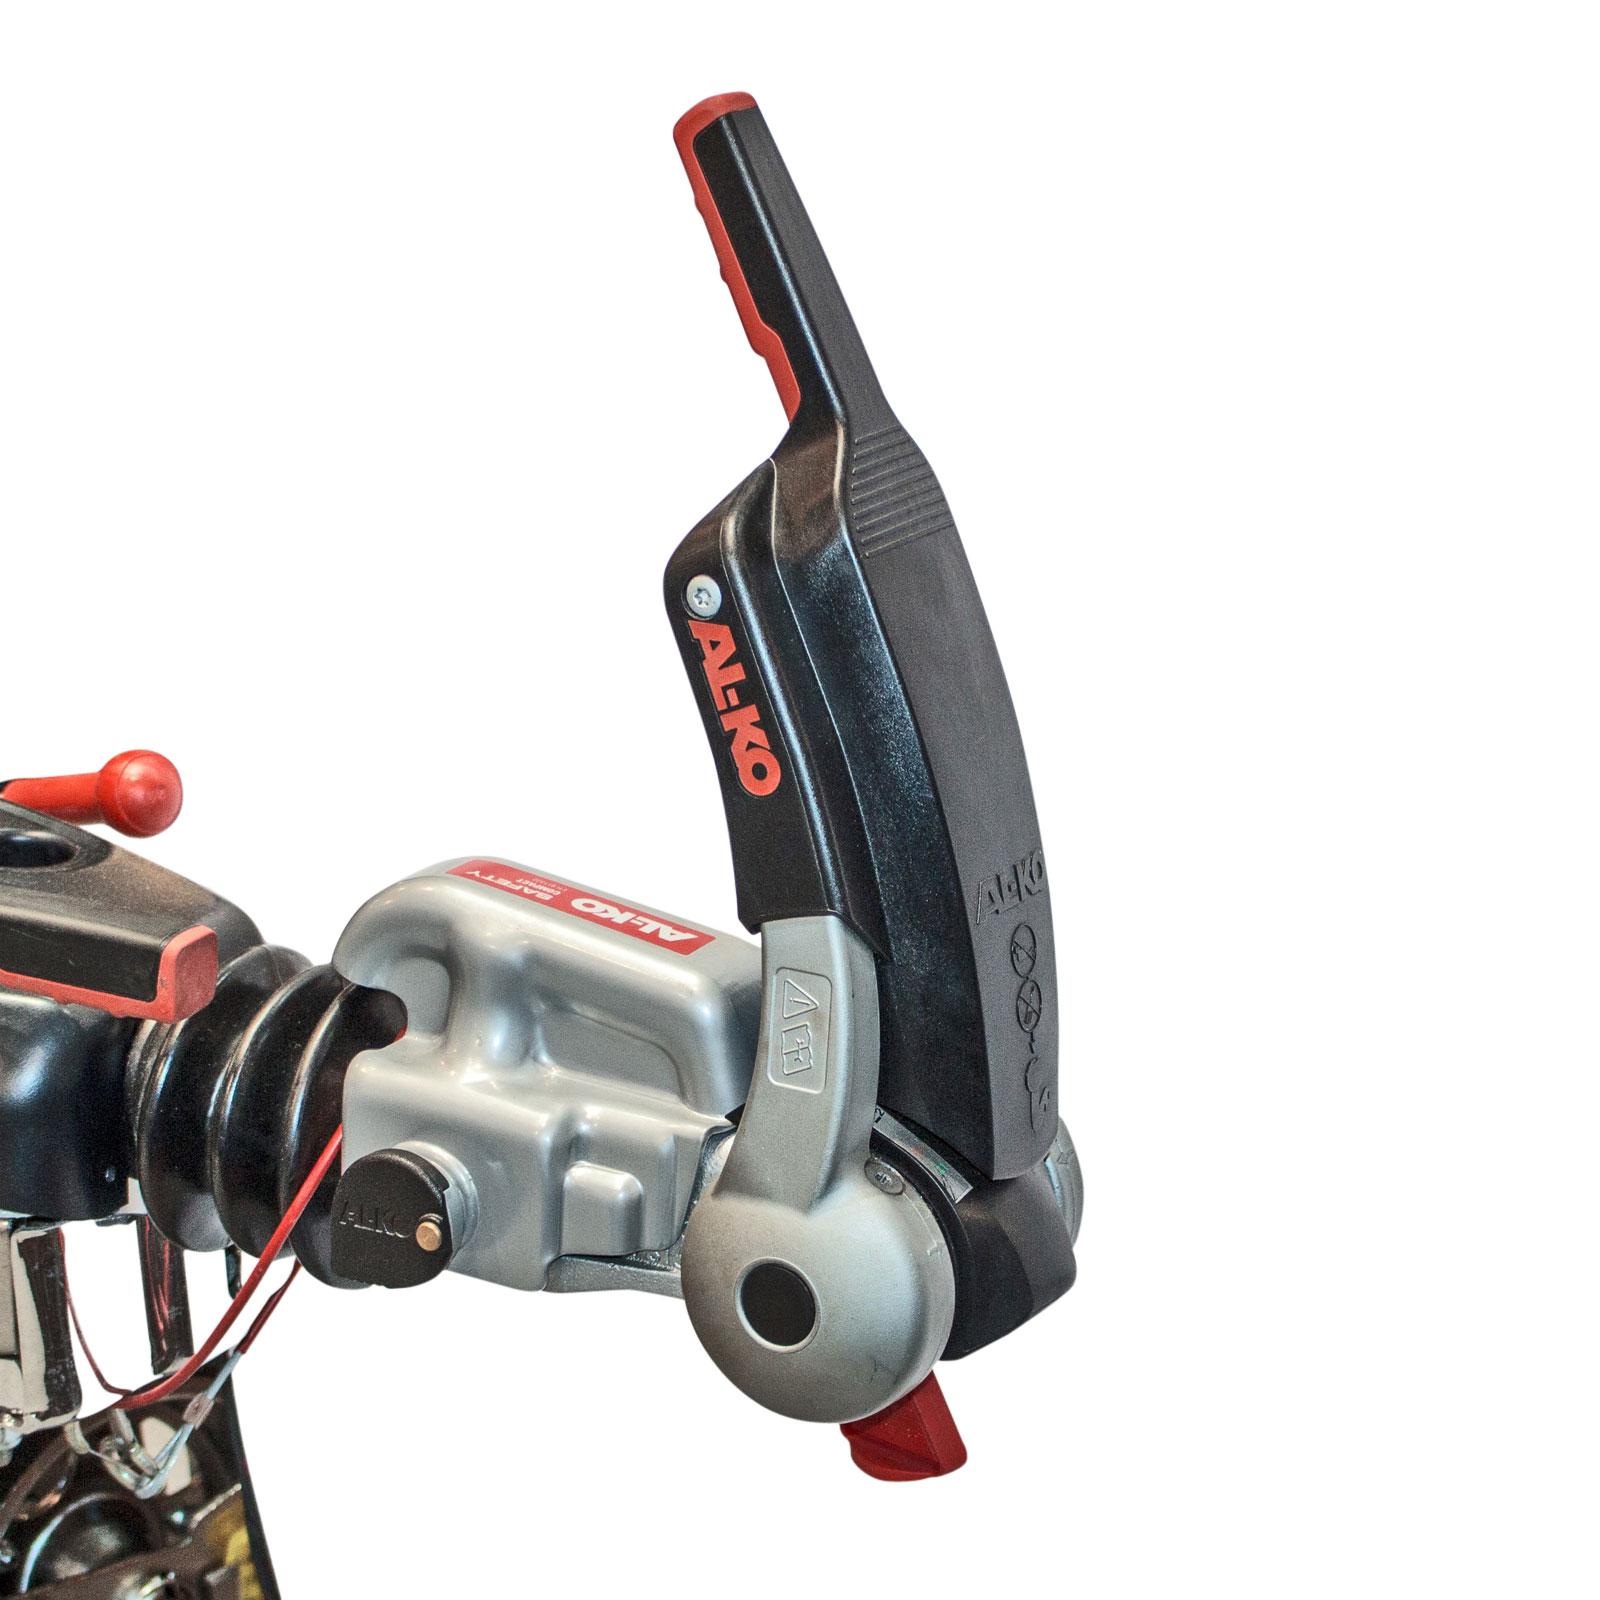 ALKO AKS 3004 Antischlingerkupplung + Safety Sicherung + Safety Ball